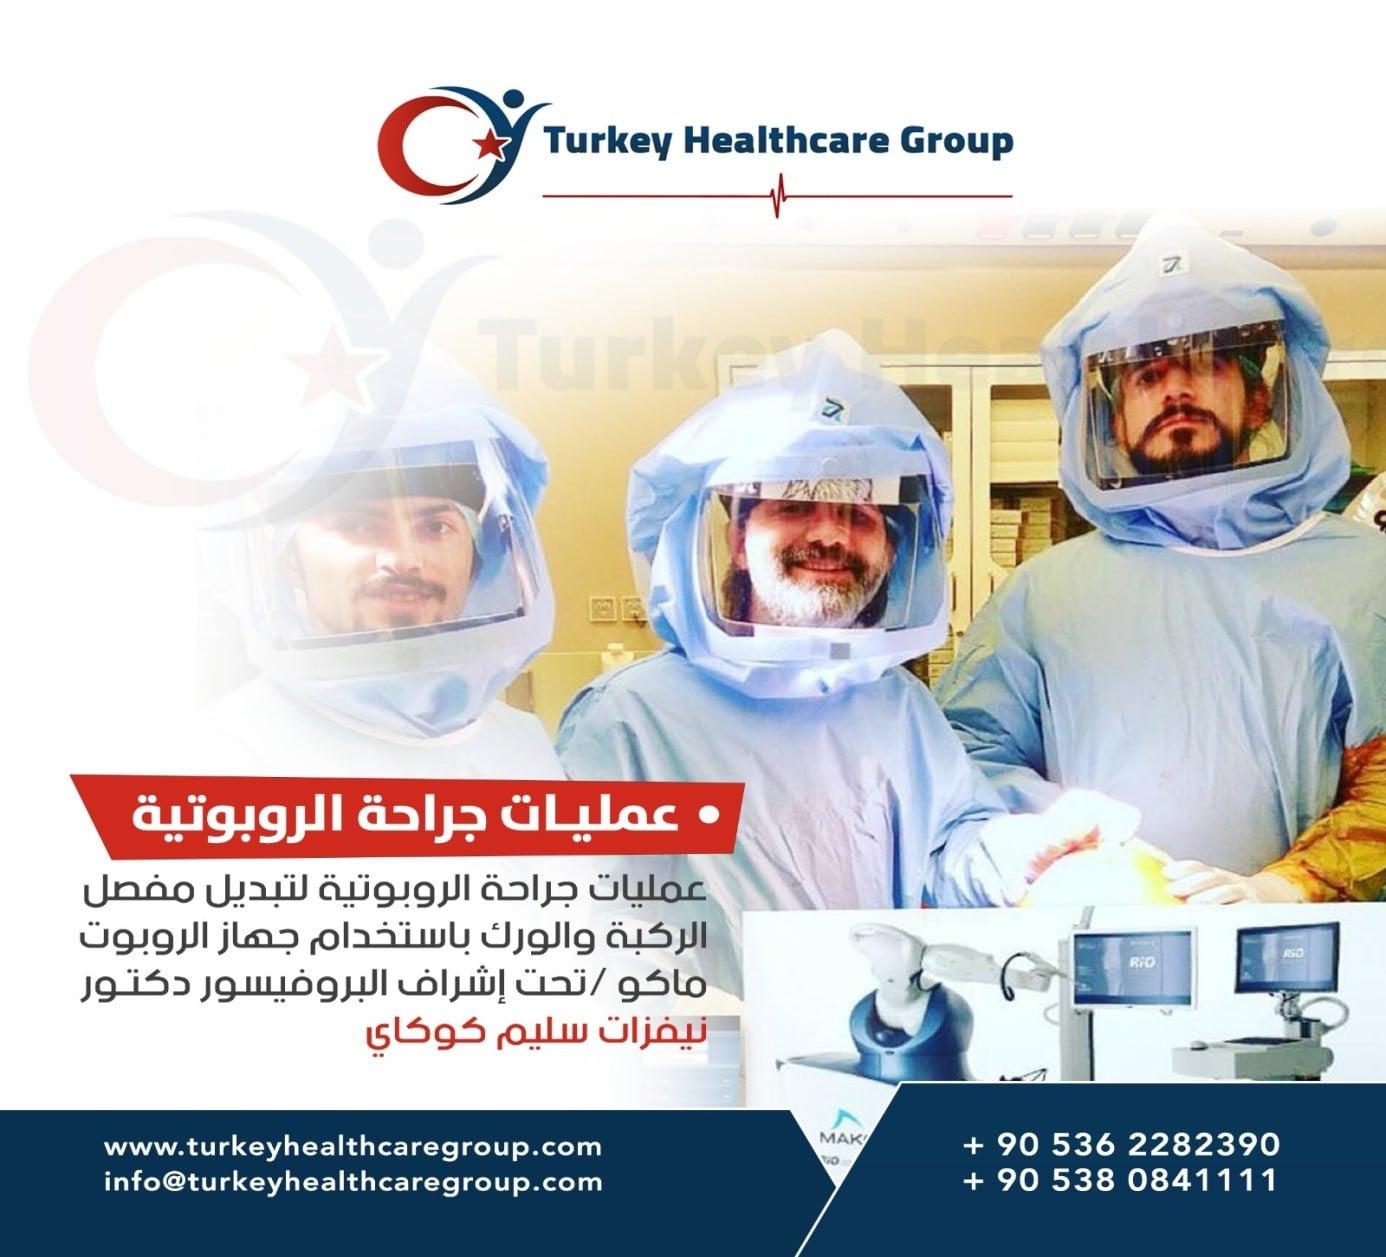 عمليات الجراحة الروبوتية في تركيا